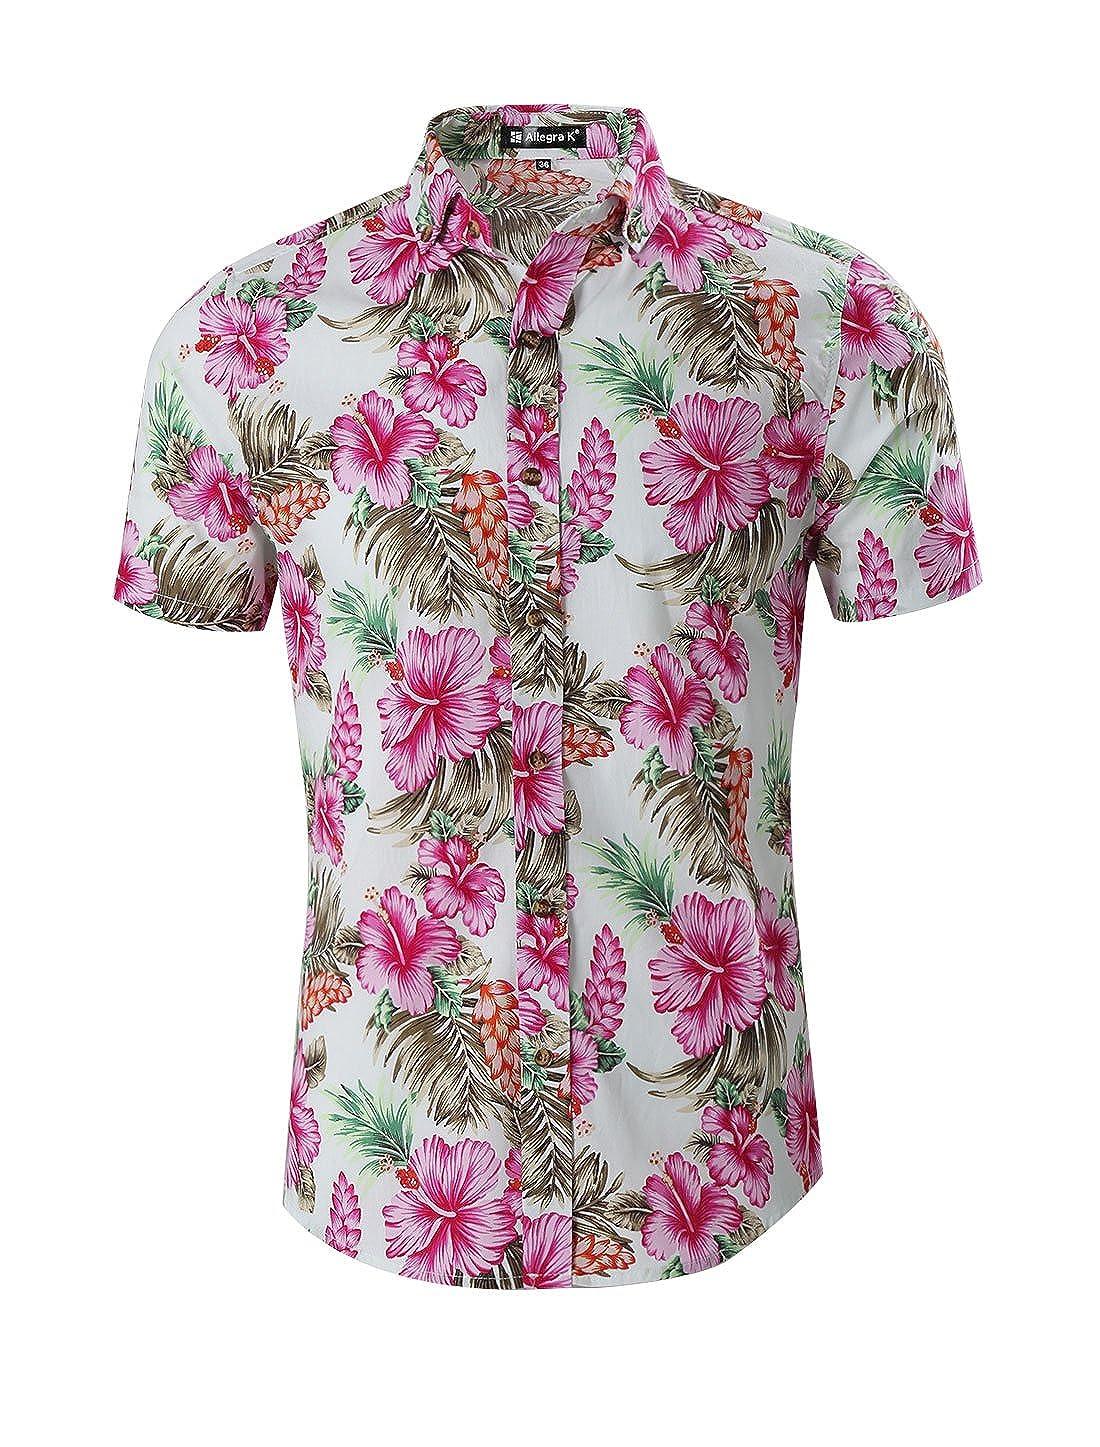 731790196721 uxcell Men Slim Fit Floral Print Short Sleeve Button Down Beach Hawaiian  Shirt g14061300ux0003